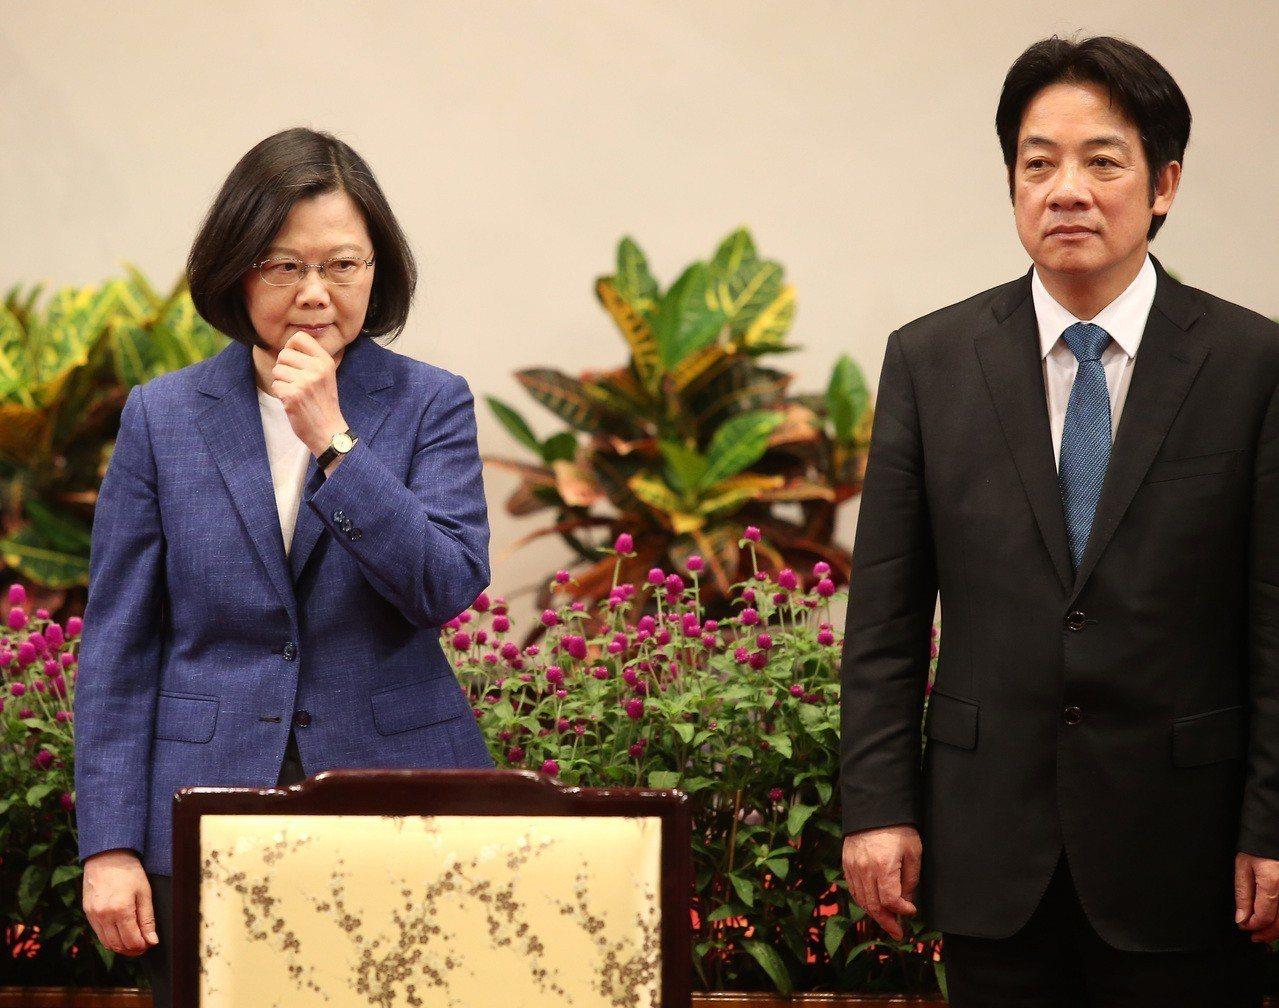 蔡英文總統(左)、行政院長賴清德。報系資料照 記者高彬原/攝影